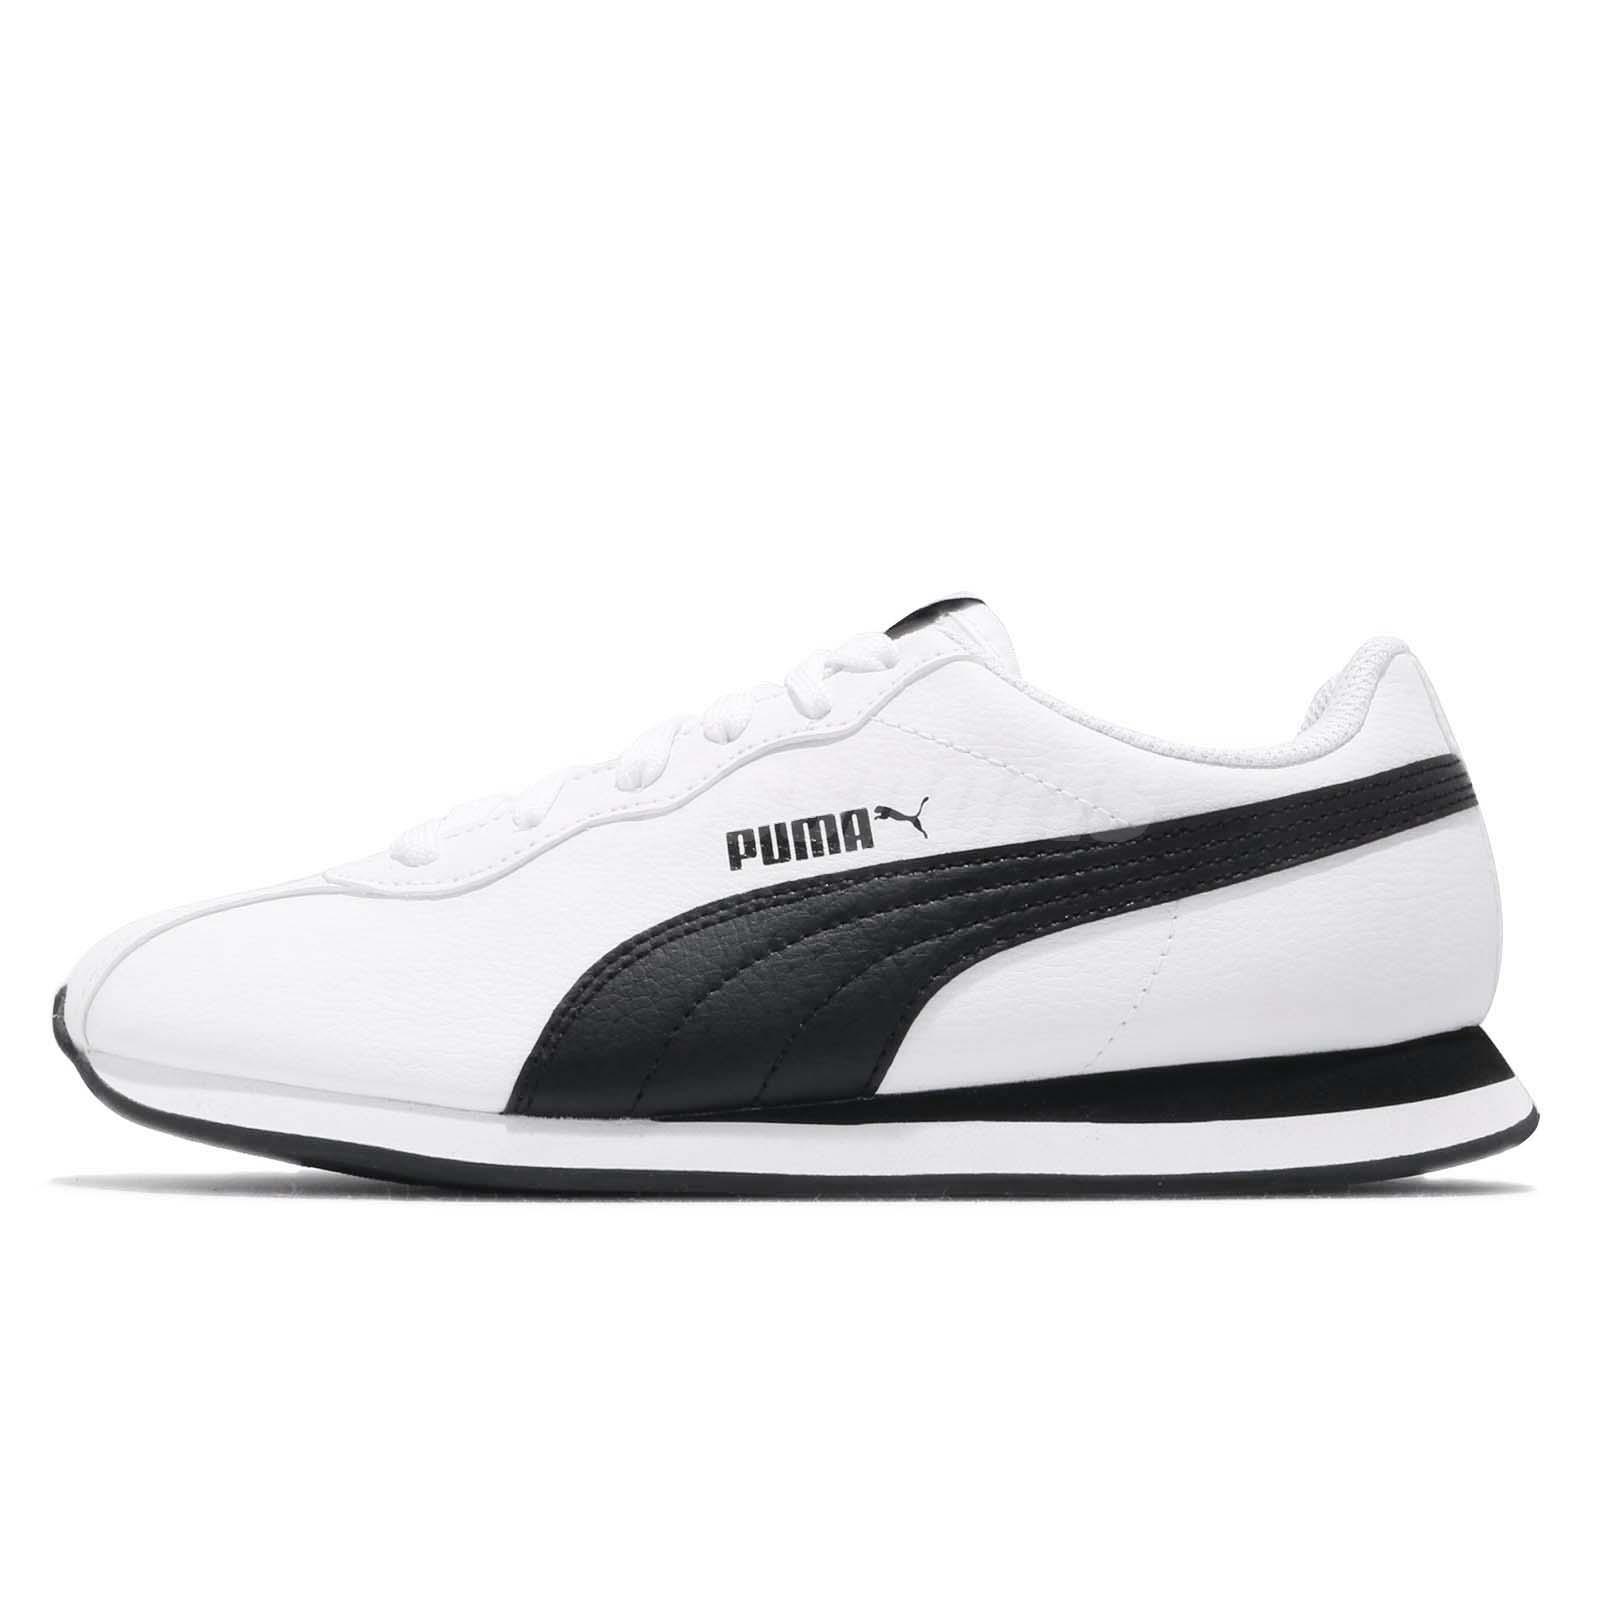 Puma Turin II 2 White Black Men Running